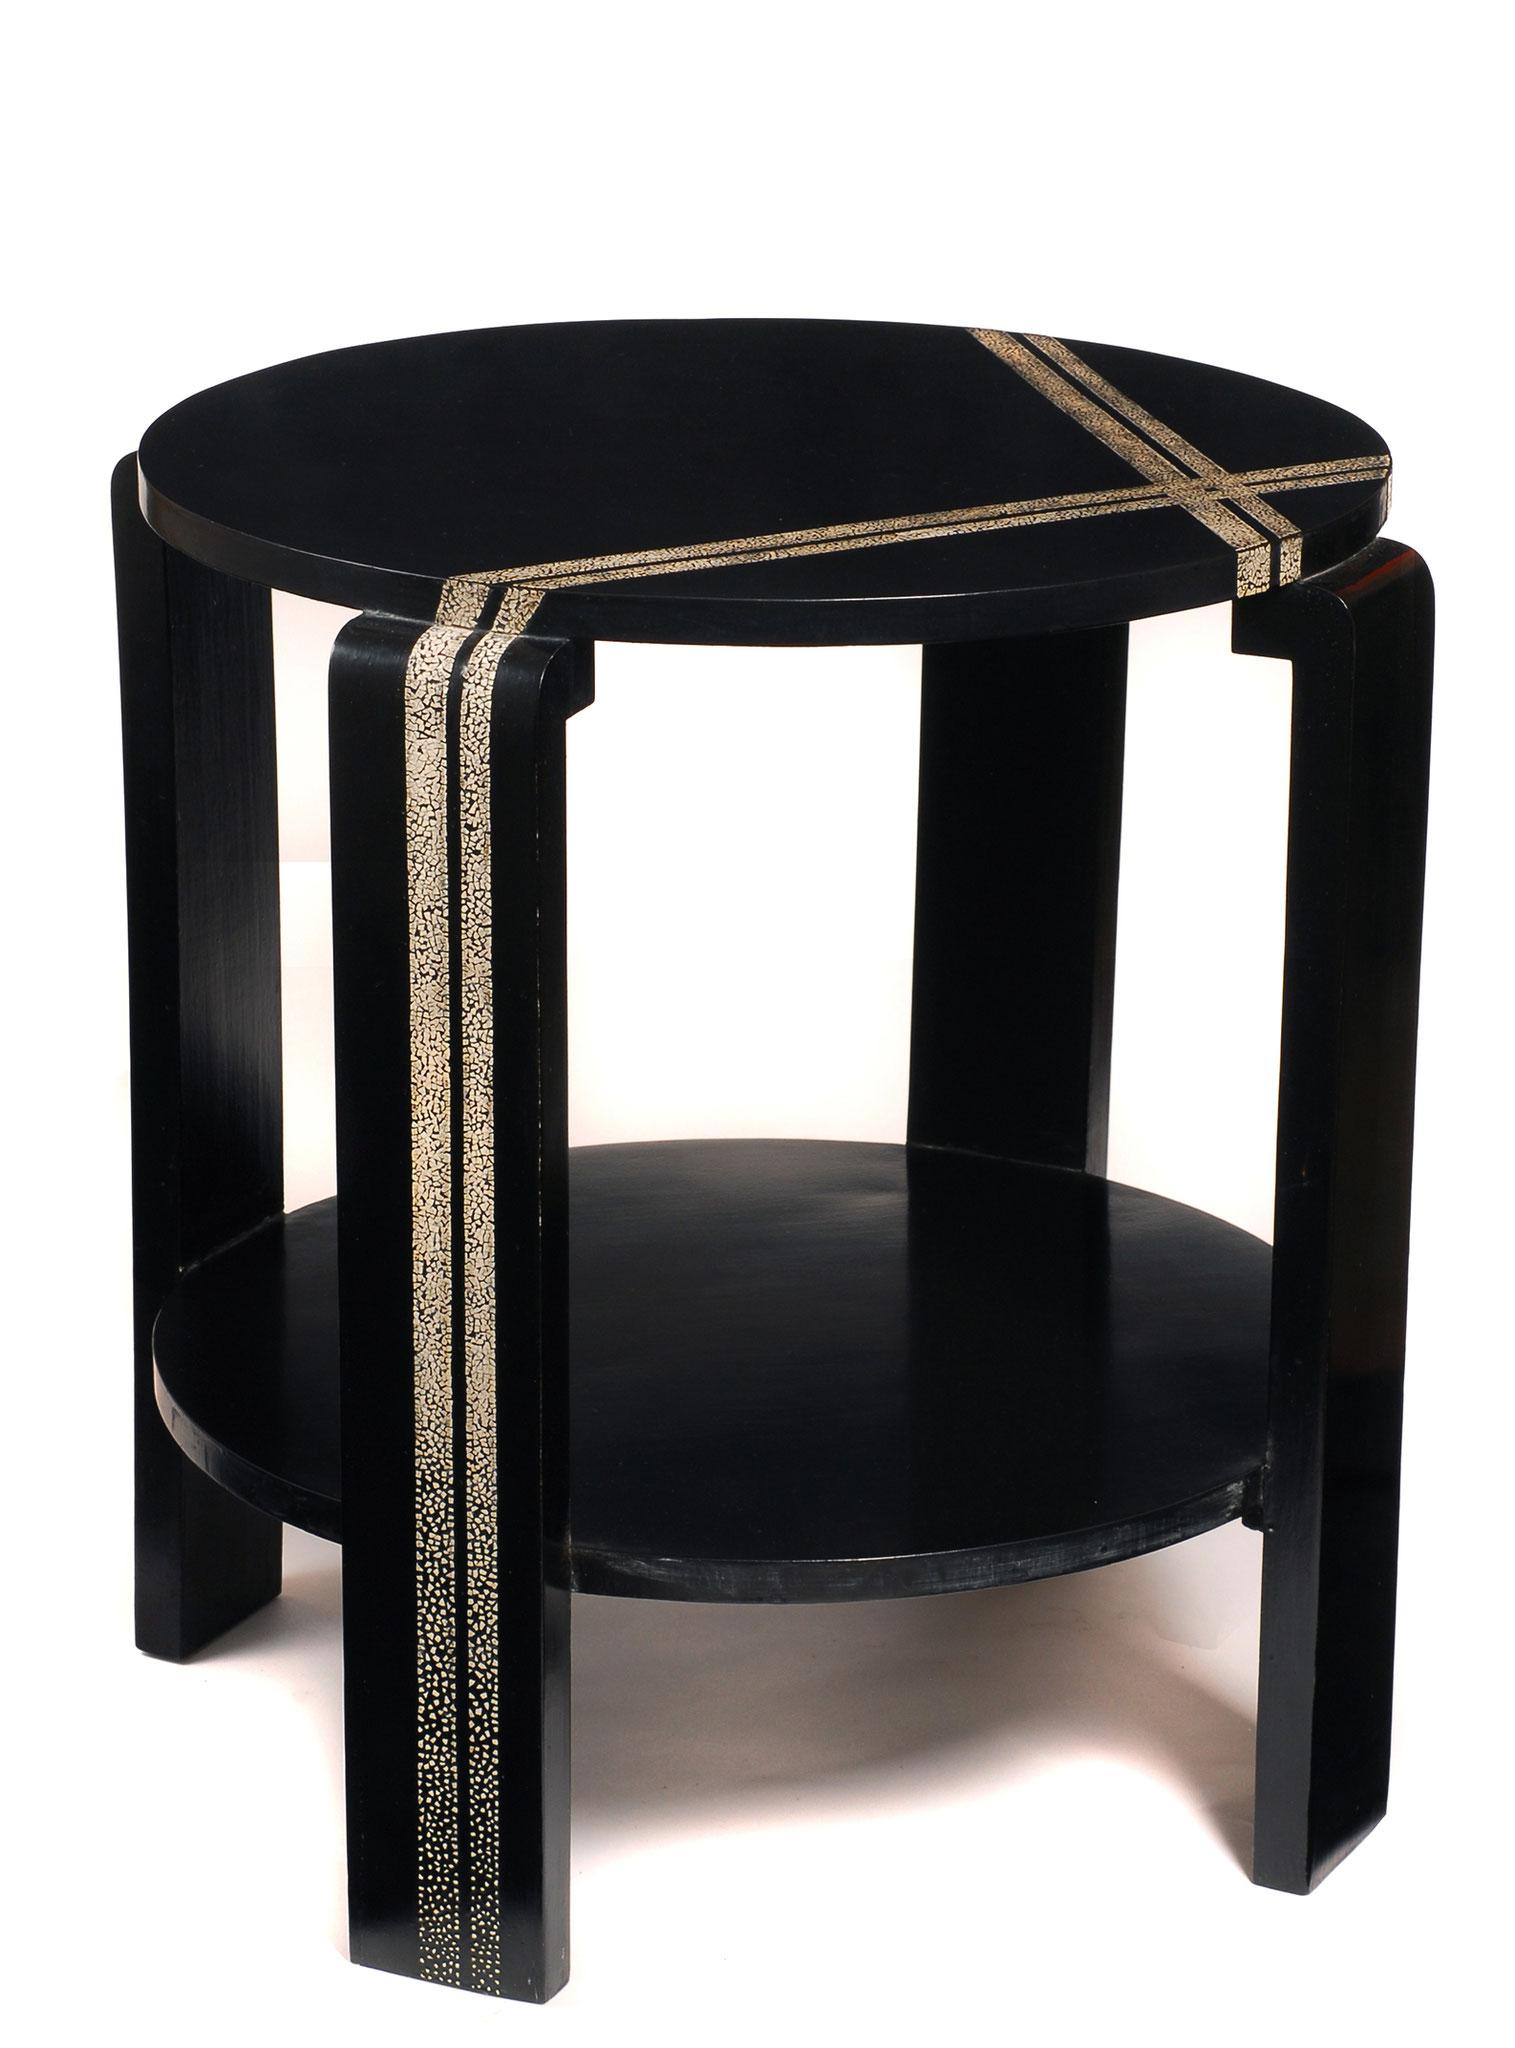 Table basse laquée avec incrustation de coquilles d'œufs - Création sur mesure - 58 x 54 cm